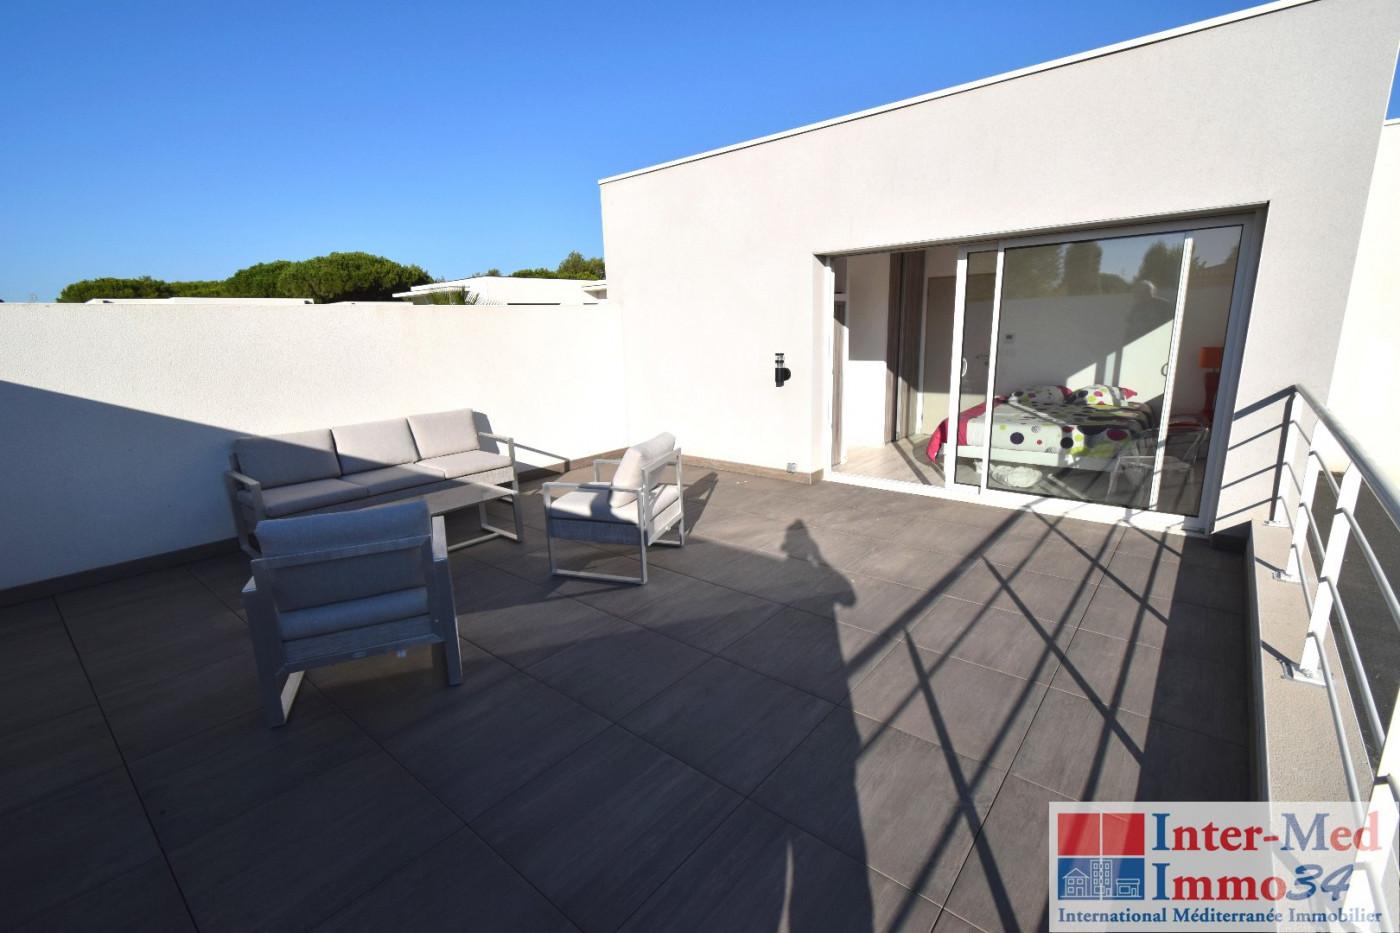 A vendre  Le Cap D'agde   Réf 3458244305 - Inter-med-immo34 - prestige